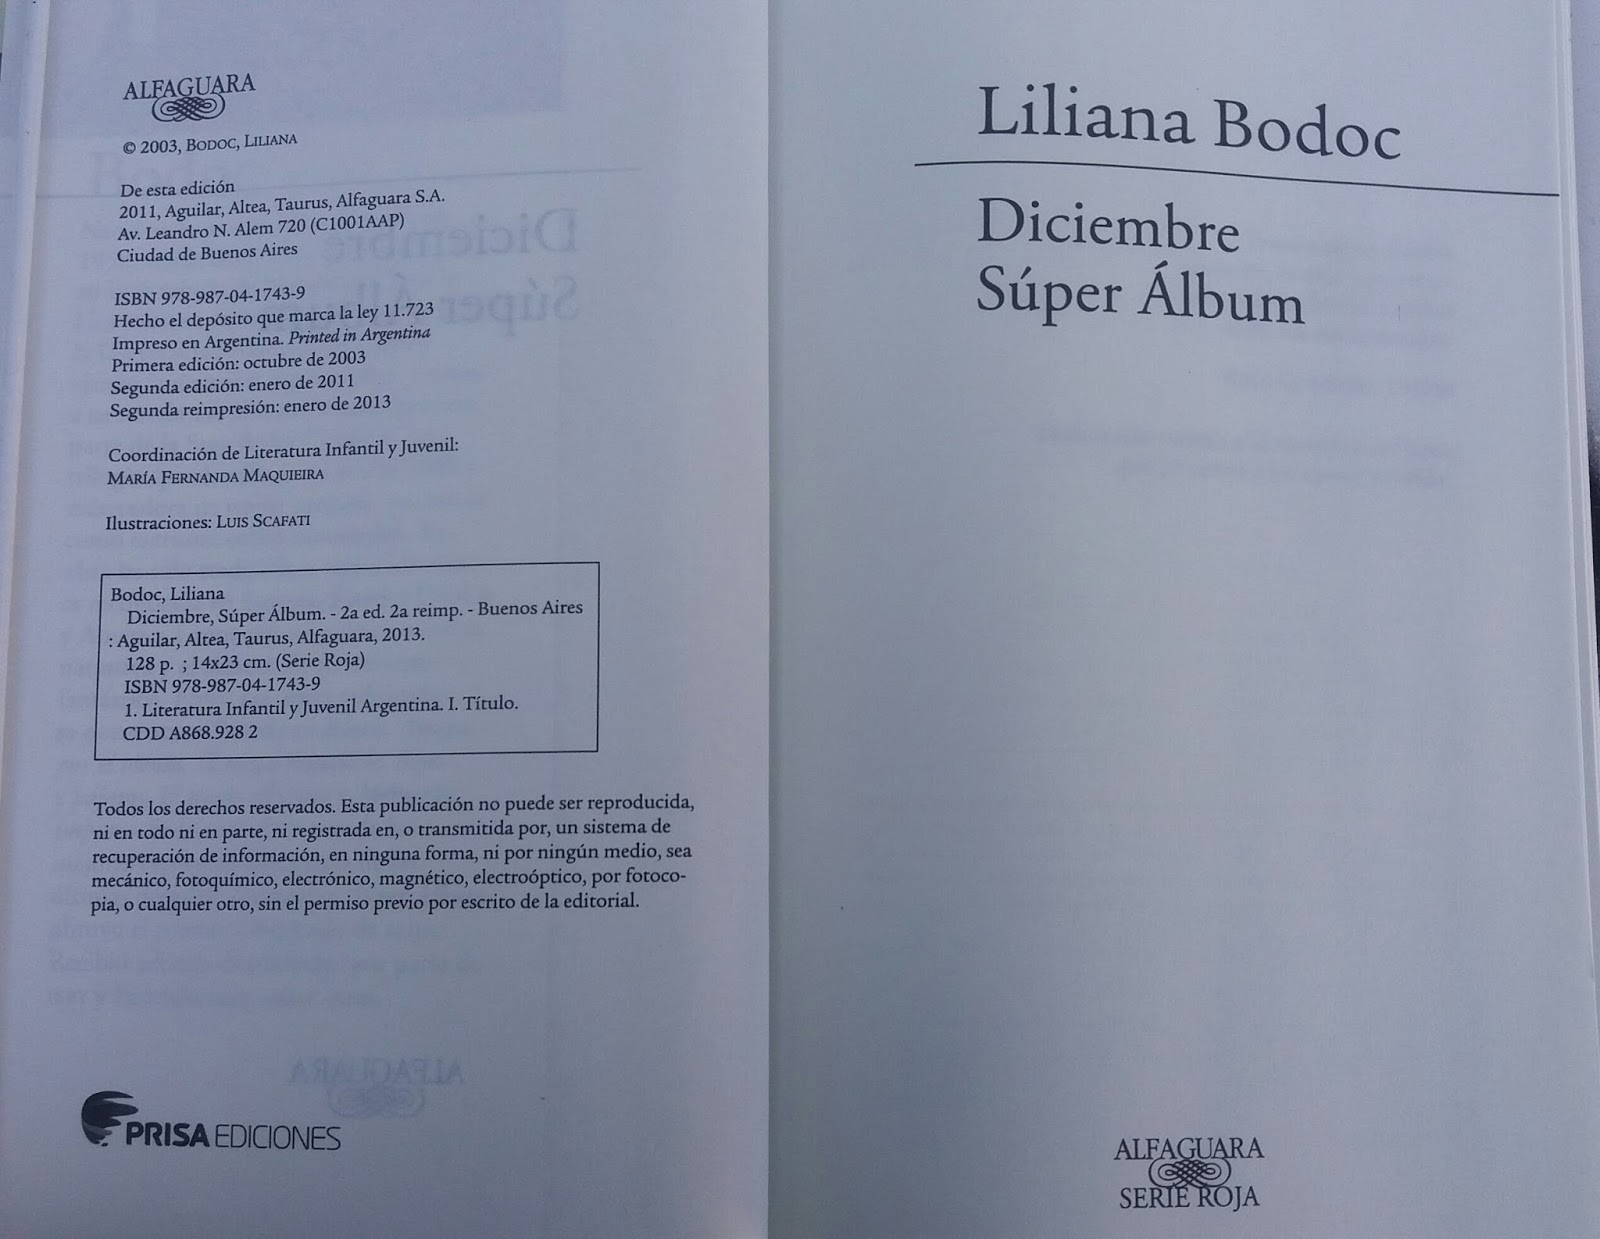 Alumnos de 5 a o del ipem 97 independencia lectura de la novela diciembre super lbum de liliana bodoc